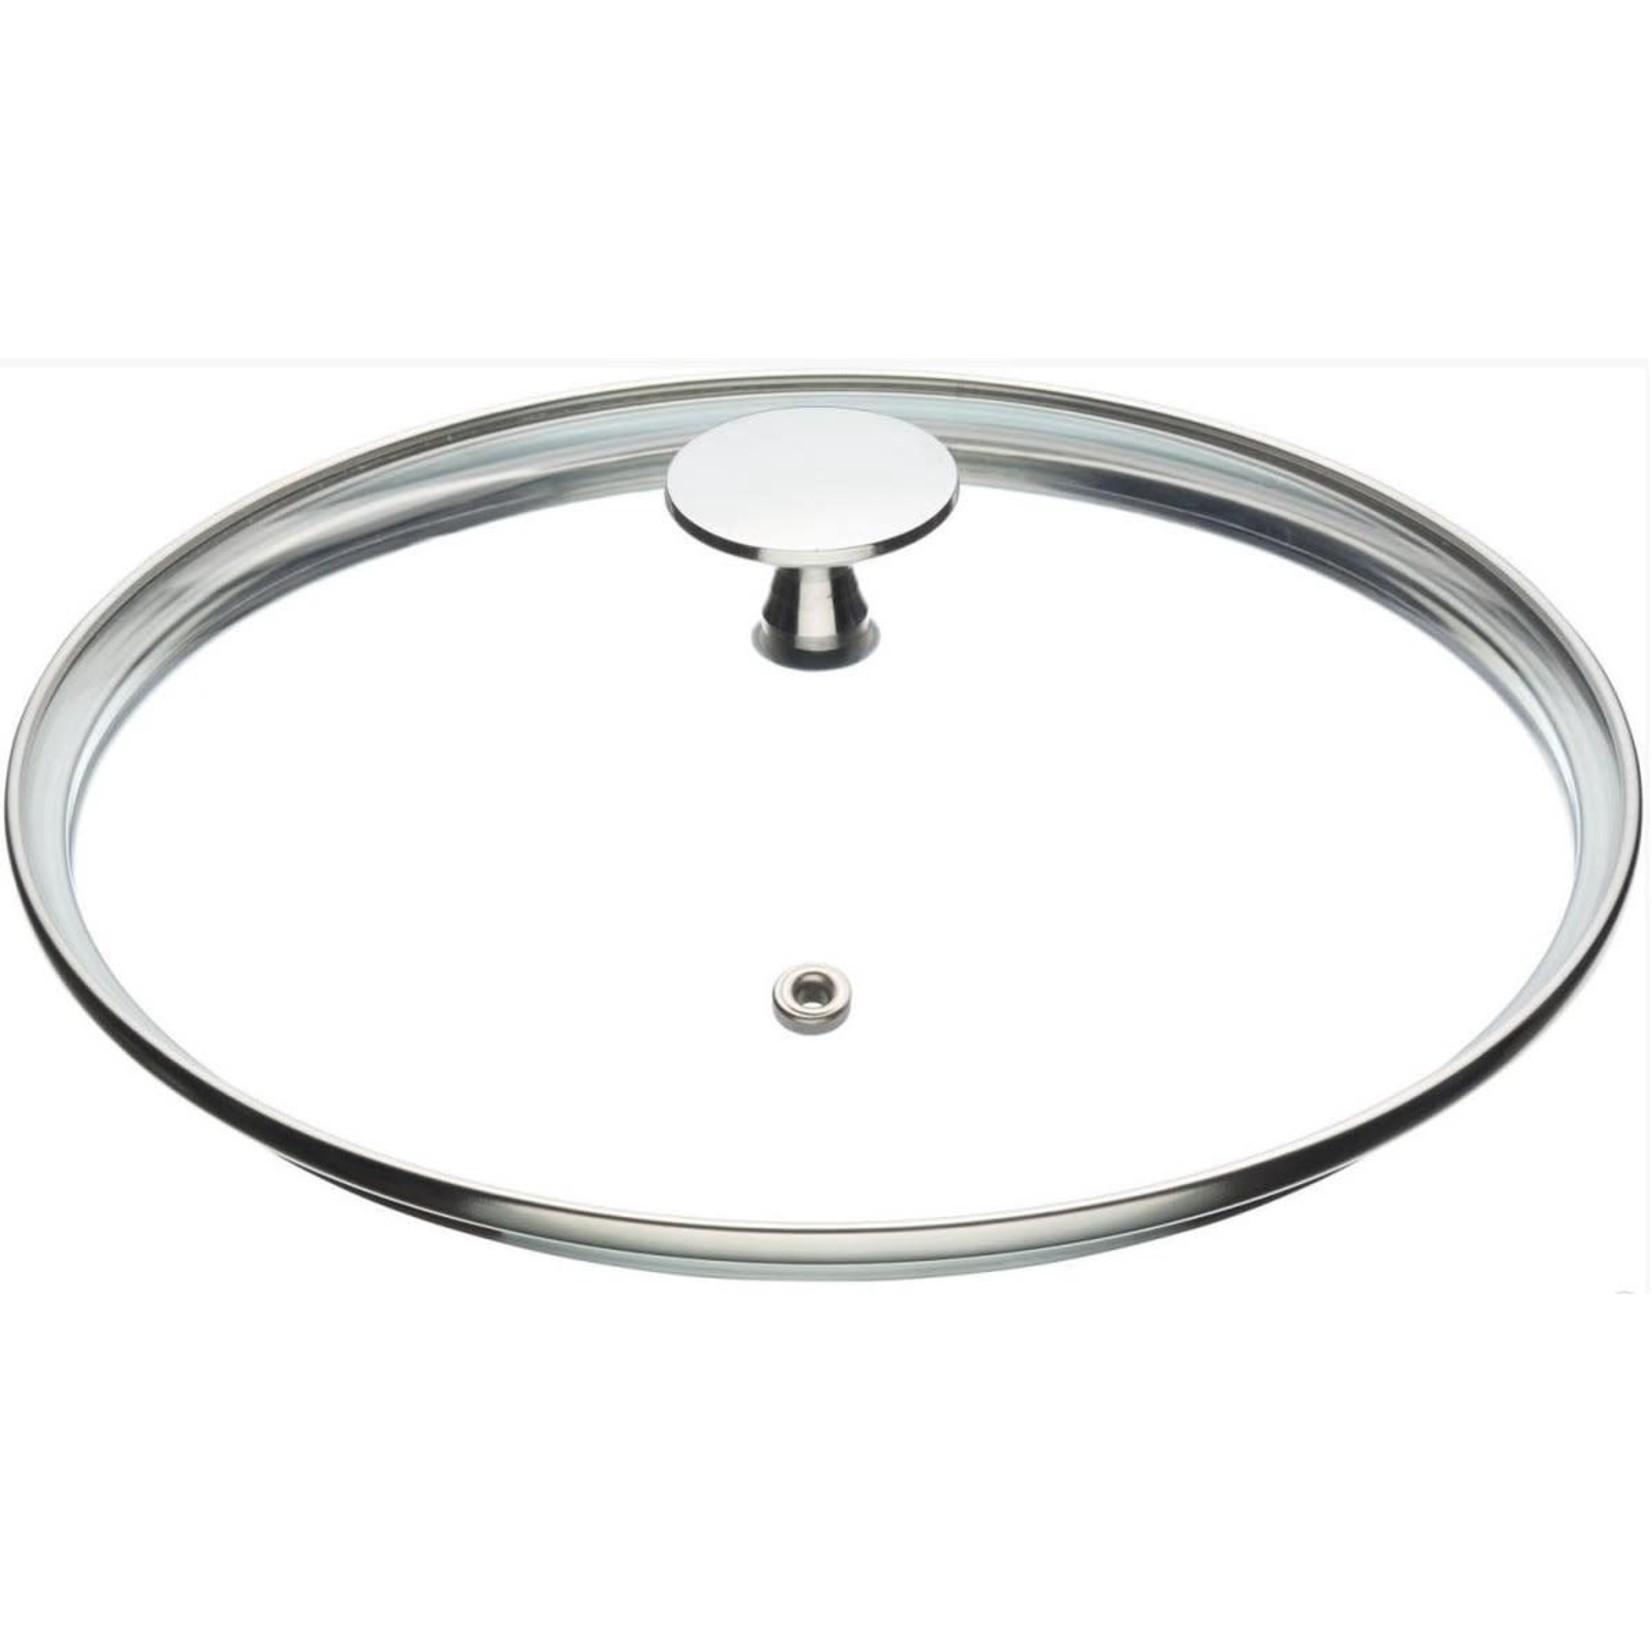 Kitchencraft Deksel glas 28cm